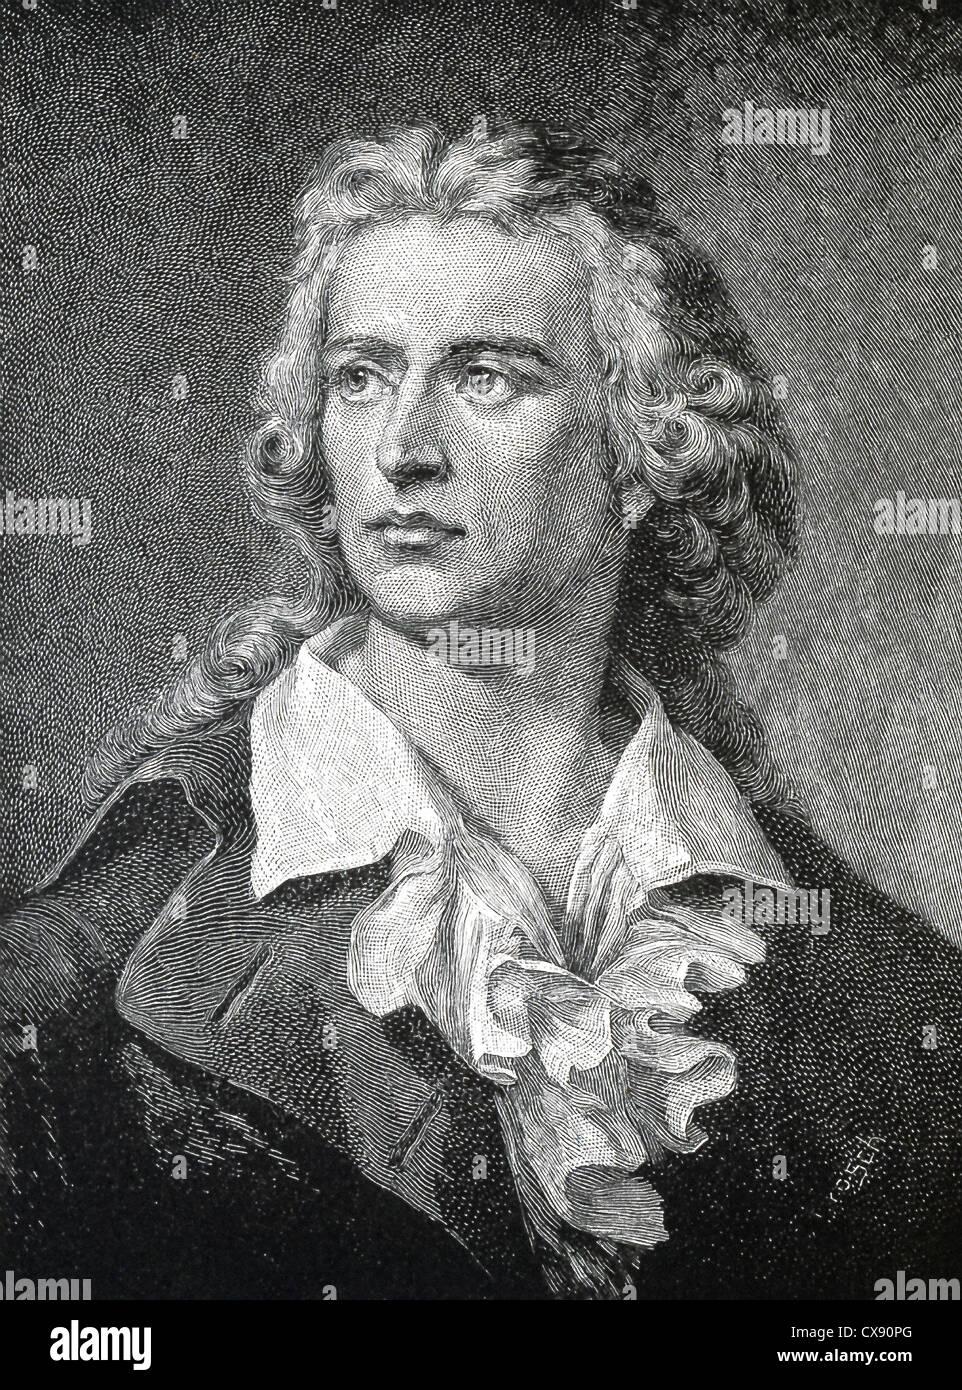 Friedrich von Schiller (1759-1805) war ein deutscher Dichter, Philosoph, Historiker und Dramatiker. Stockbild